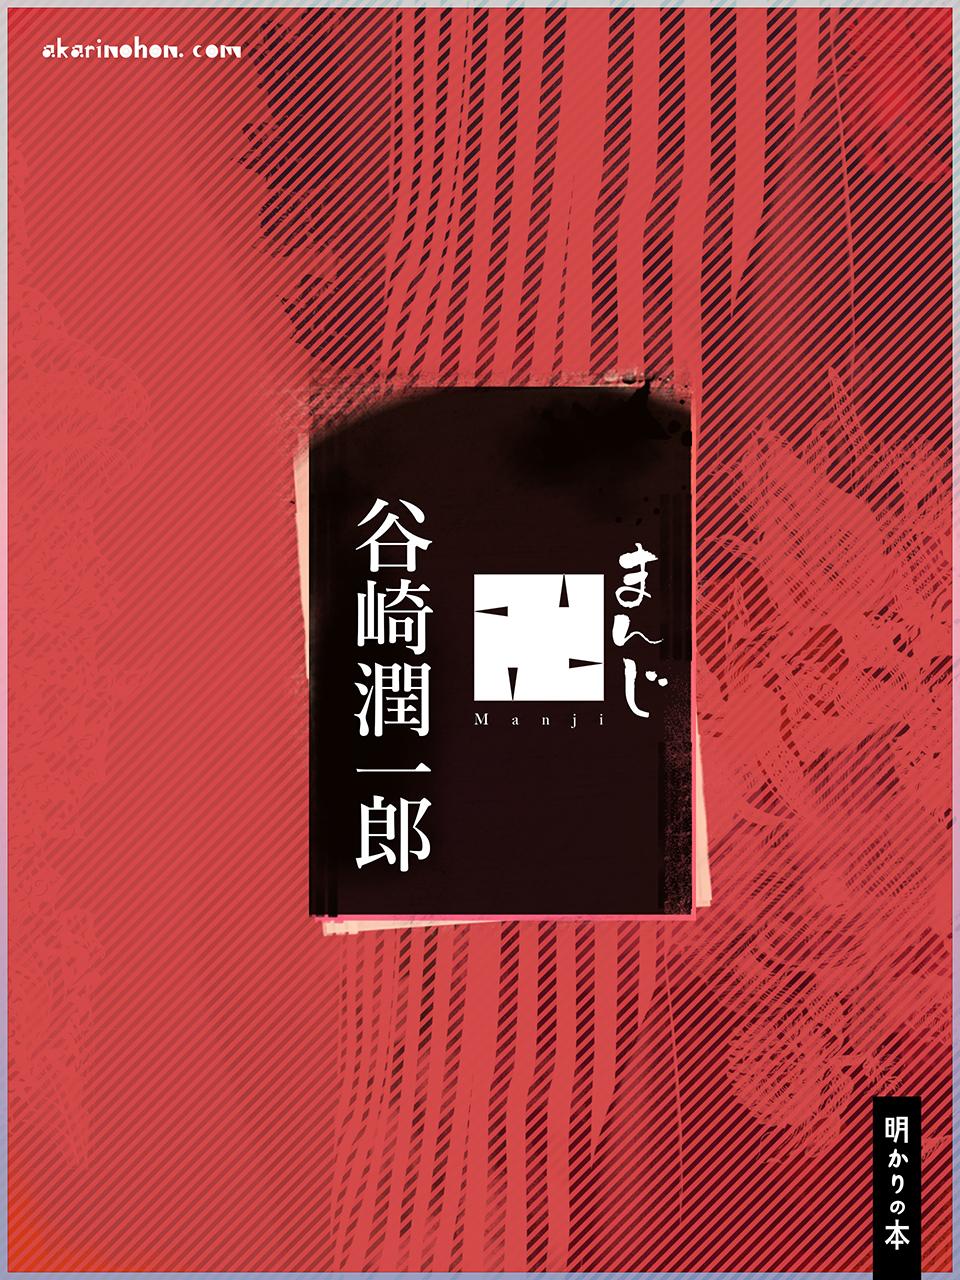 0000 - 卍 谷崎潤一郎